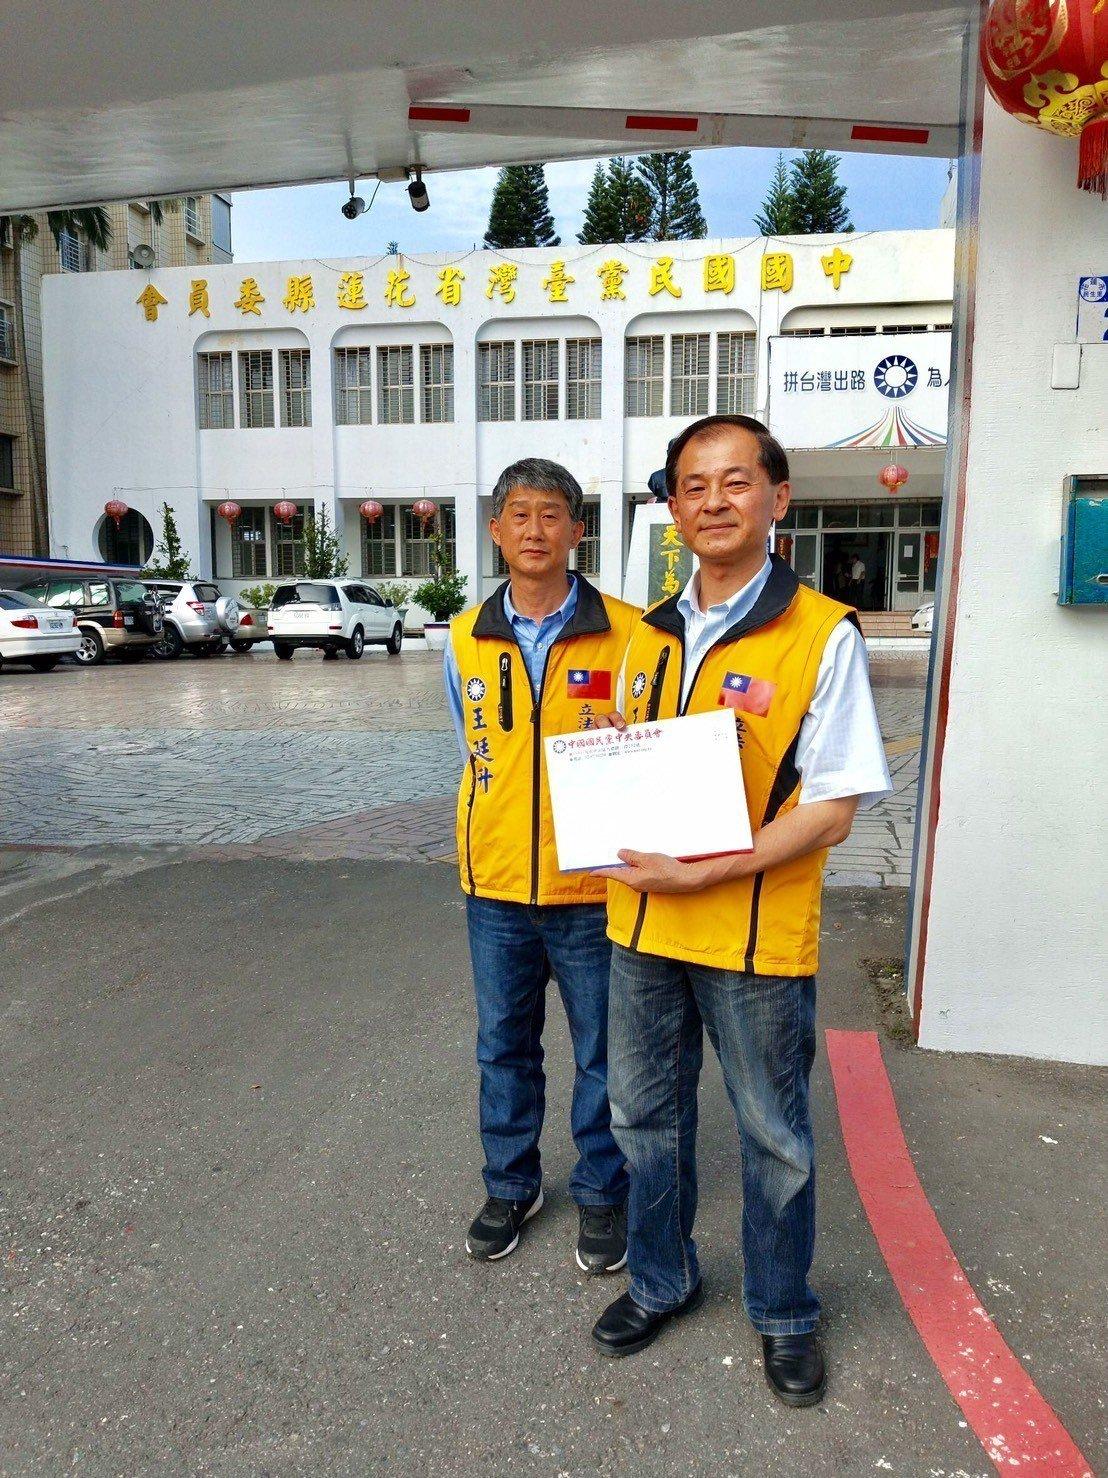 前立委王廷升(右)日前到國民黨花蓮縣黨部辦理初選登記。圖/王廷升提供